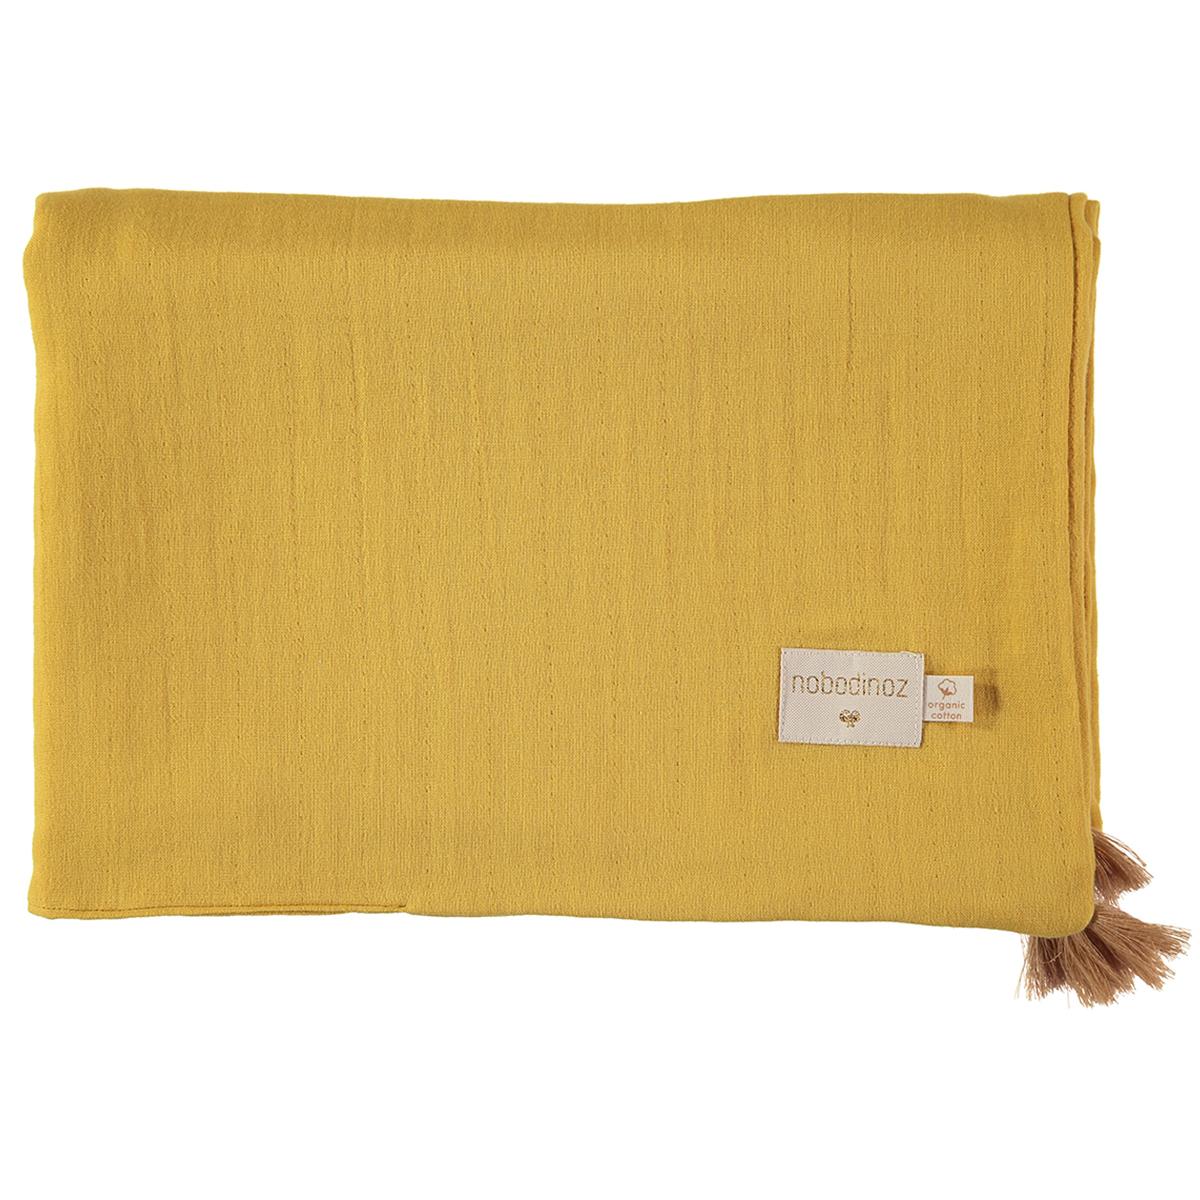 Linge de lit Couverture d'Eté Treasure - Farniente Yellow Nobodinoz - AR201902130098